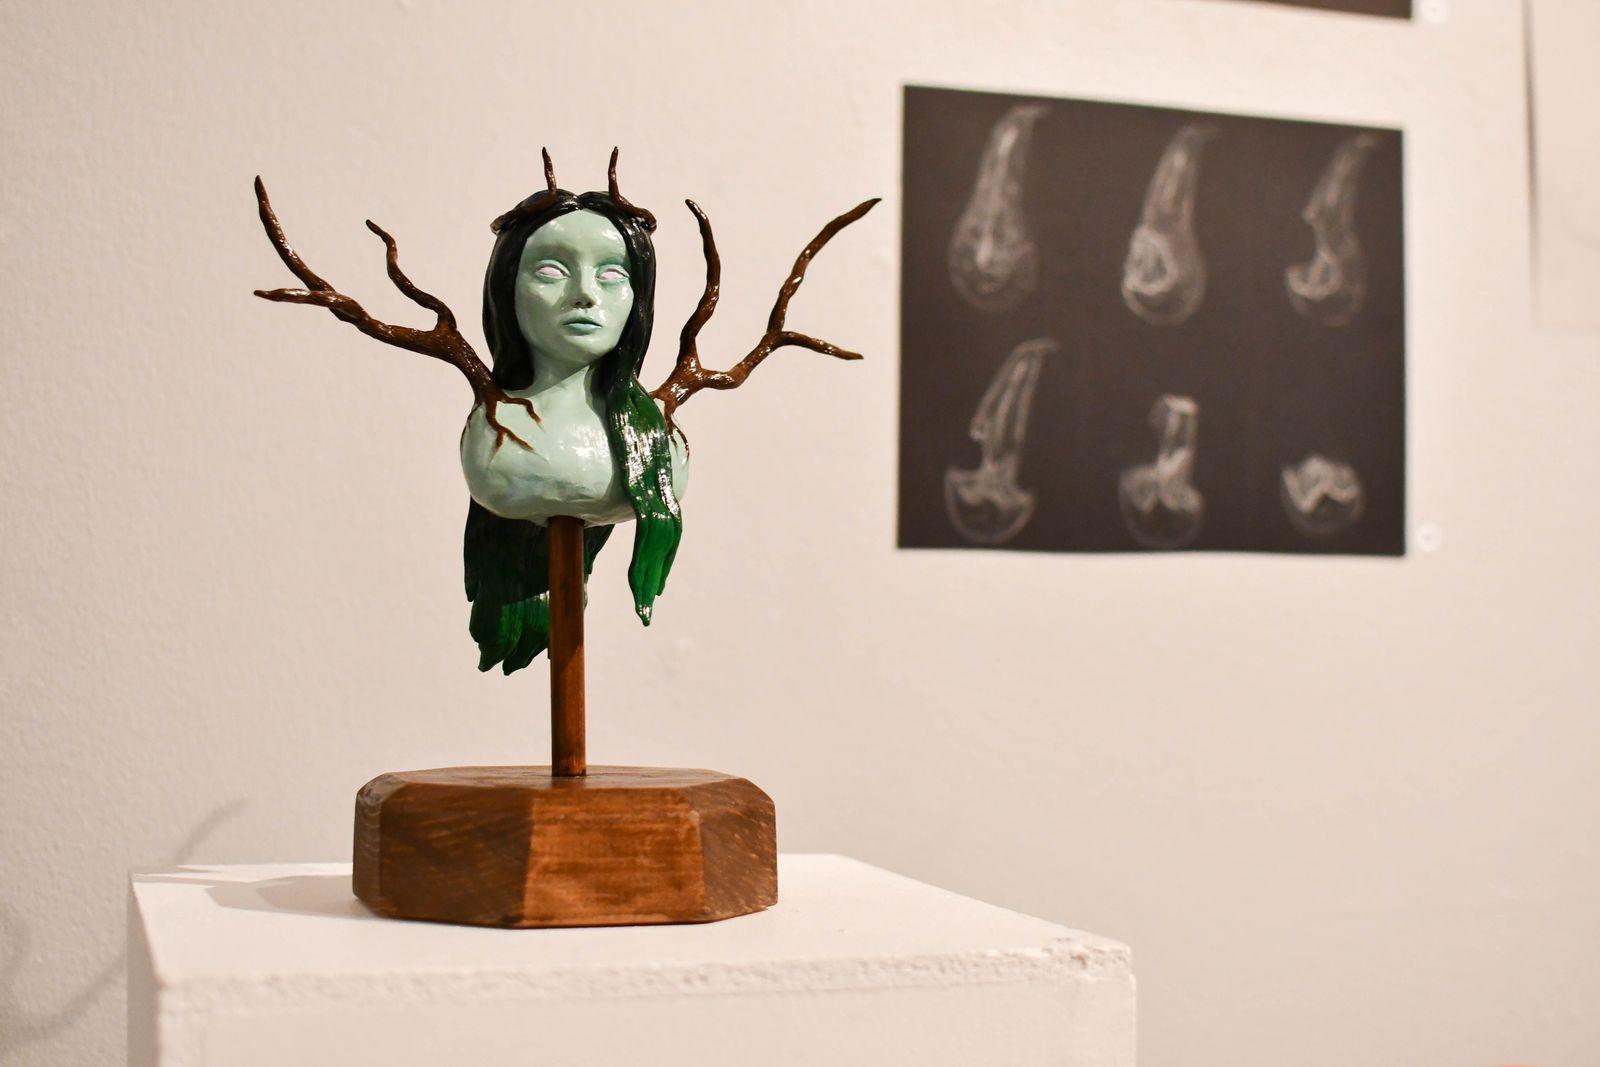 I elevutställningen som visas på Tomelilla konsthall just nu medverkar bland andra Alice Tröjer som gått två år på konstskolan Unikum. På bilden syns två av hennes utställda verk.